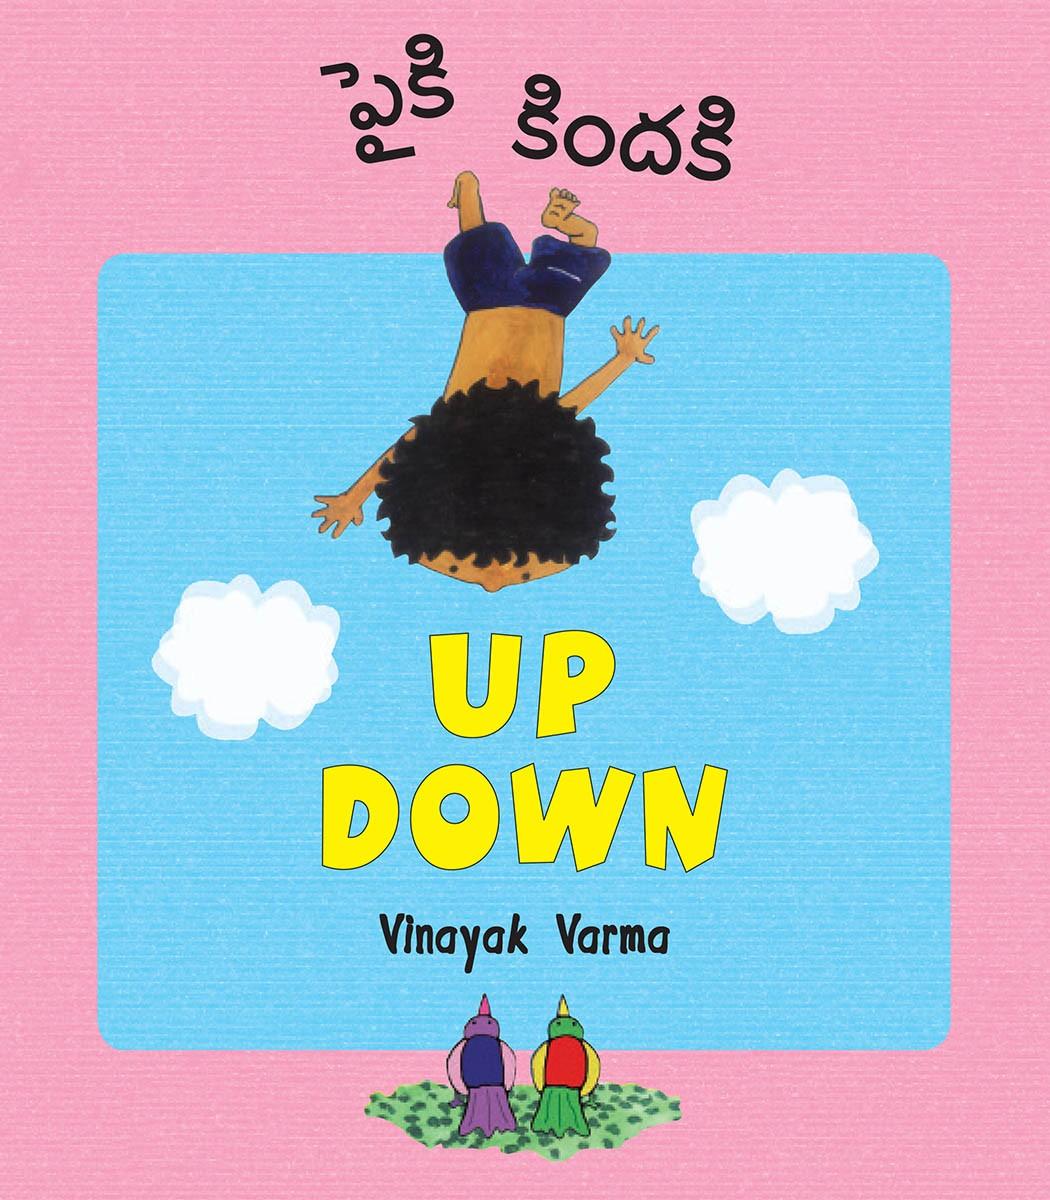 Up Down/Paiki Kindaki (English-Telugu)